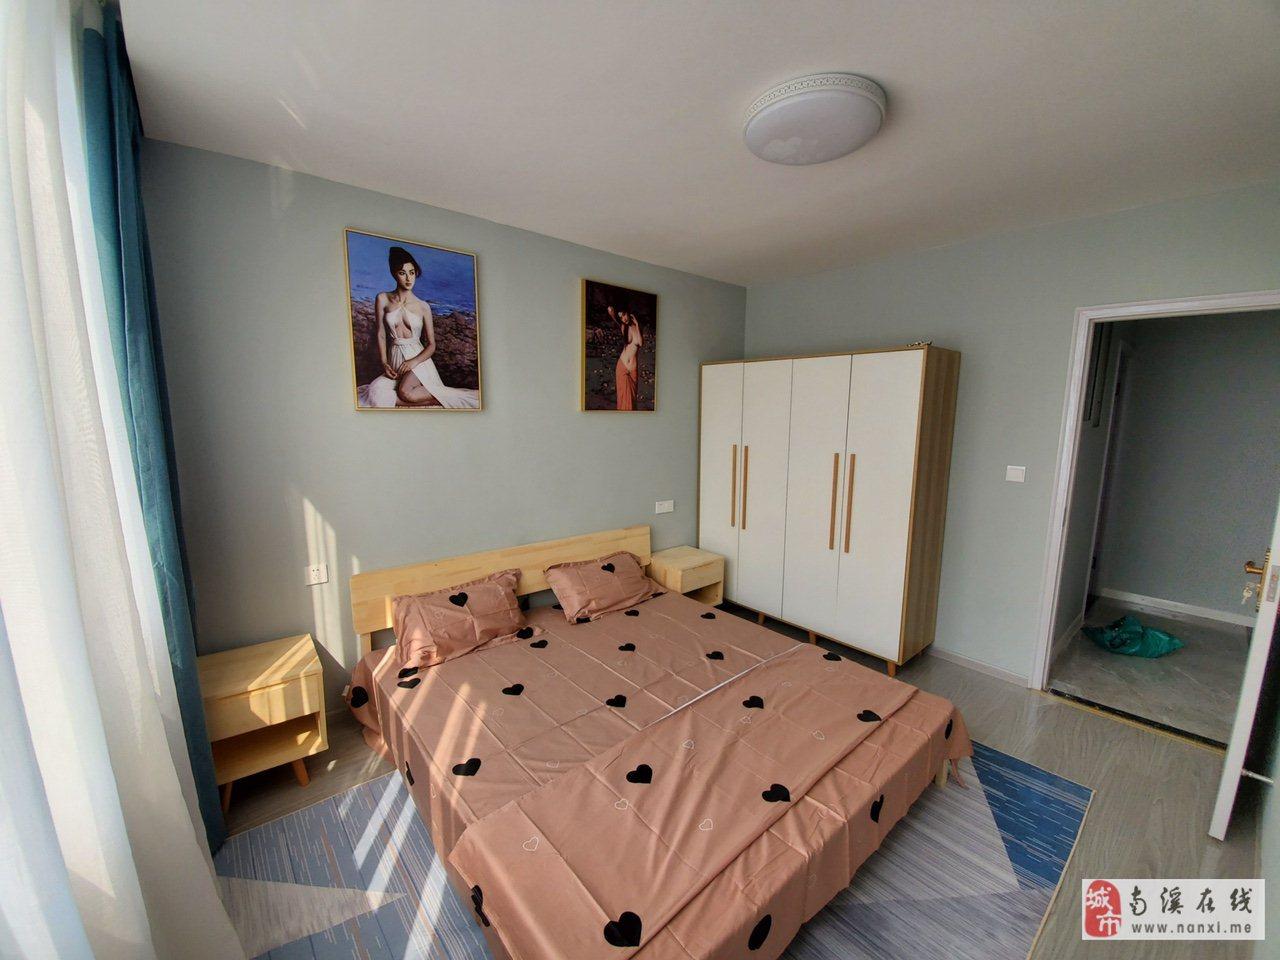 长江国际3室2厅1卫42.8万元送家具家电